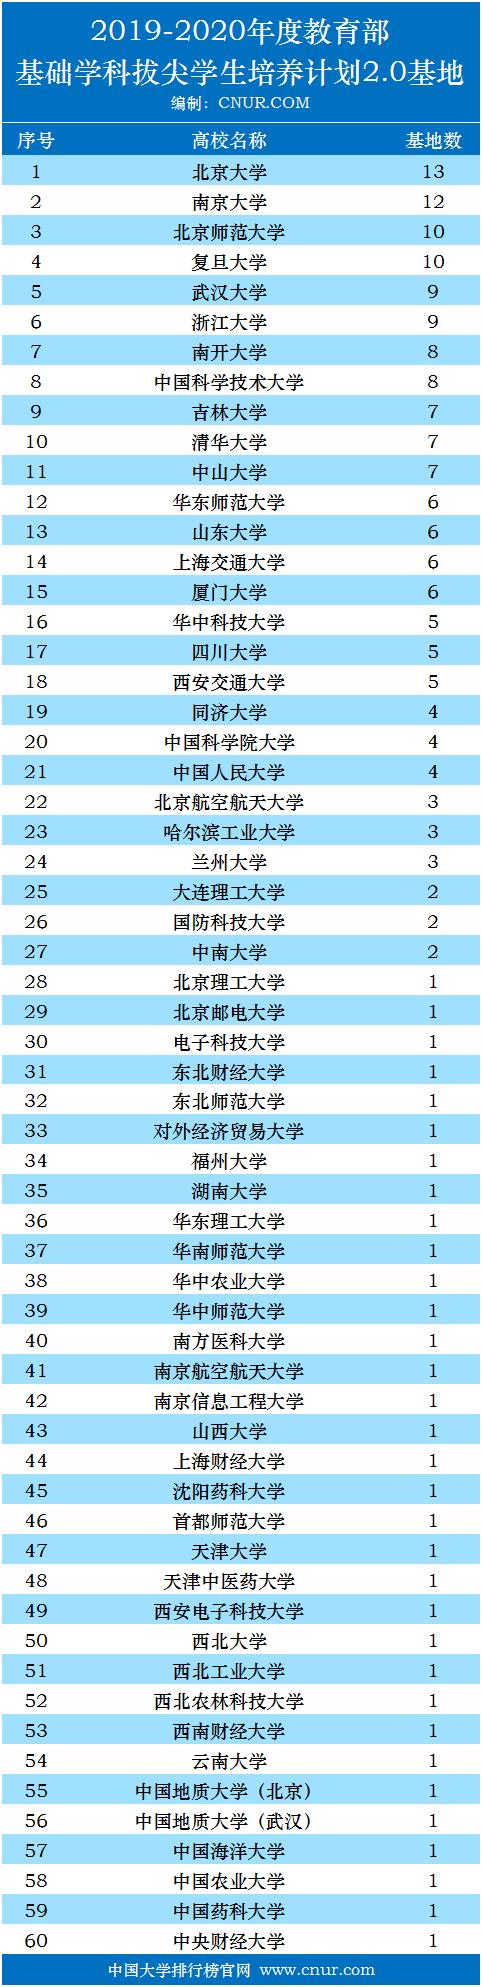 2019-2020年度教育部基础学科拔尖学生培养计划2.0基地统计-第1张图片-中国大学排行榜